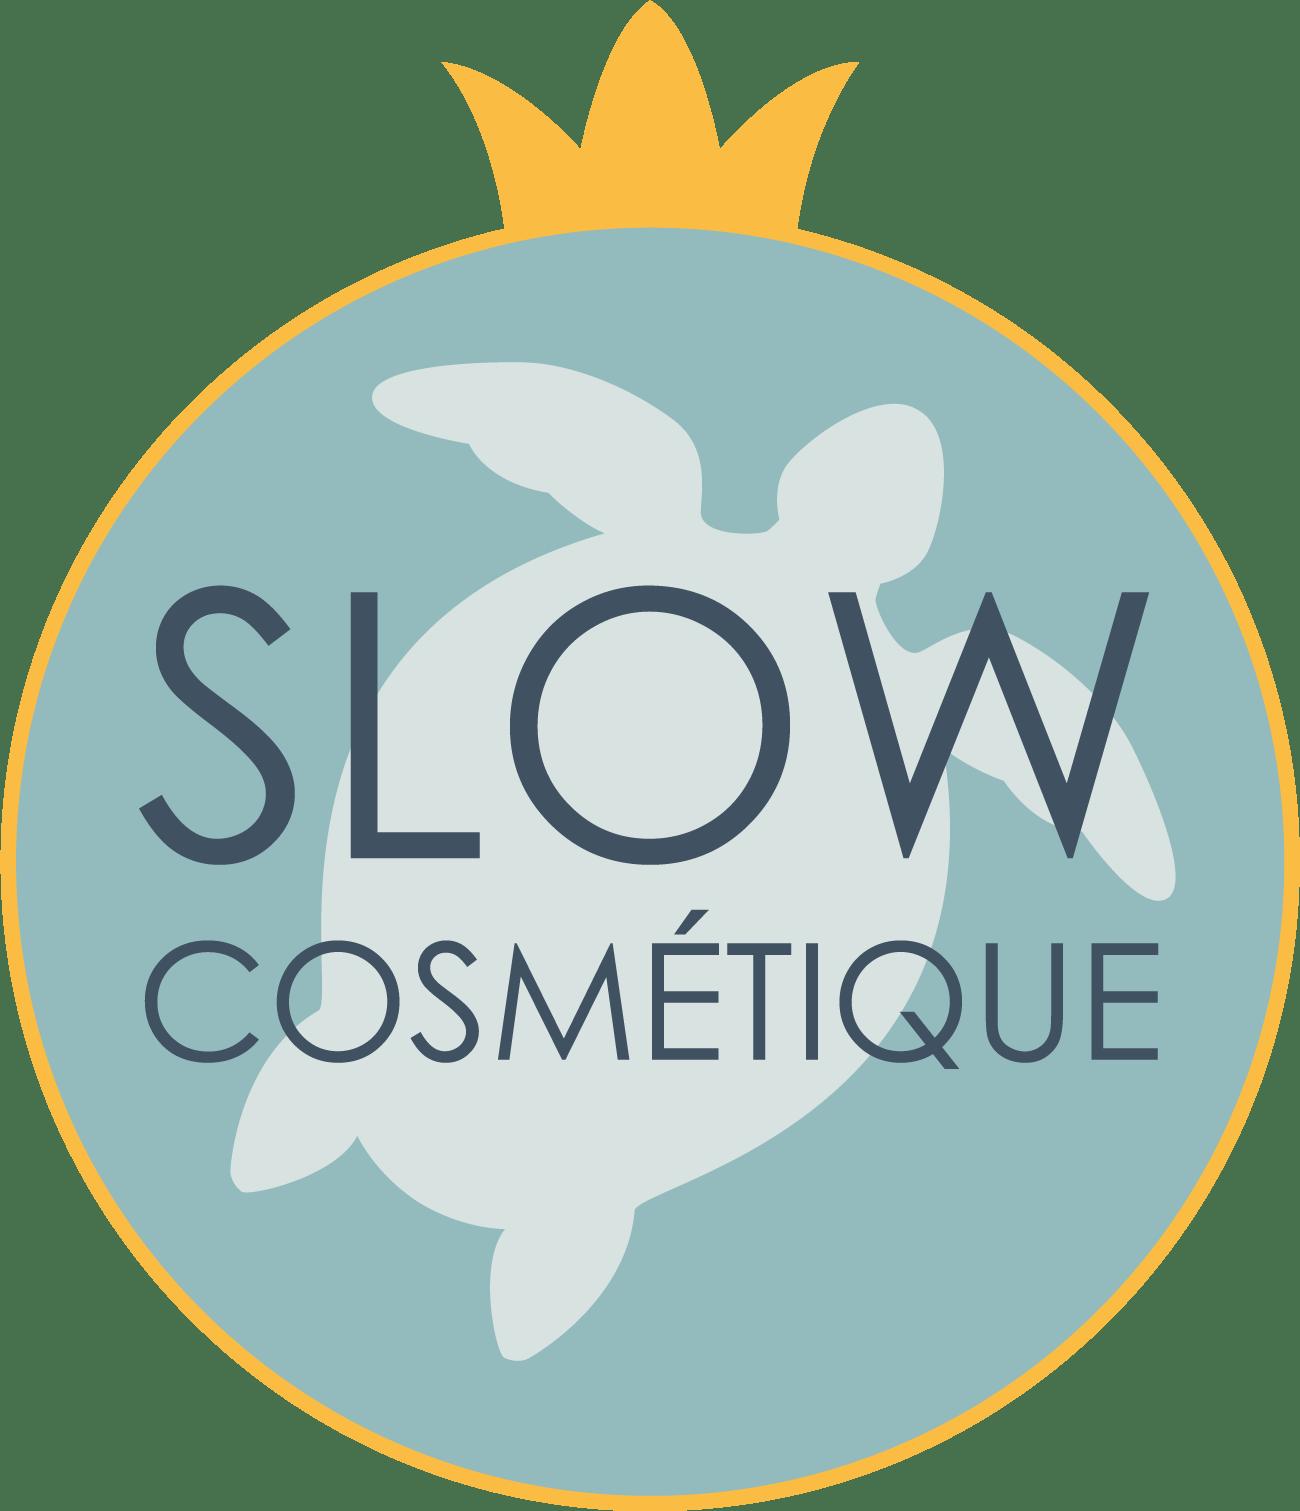 Slow cosmétique Hanapiz chanvre